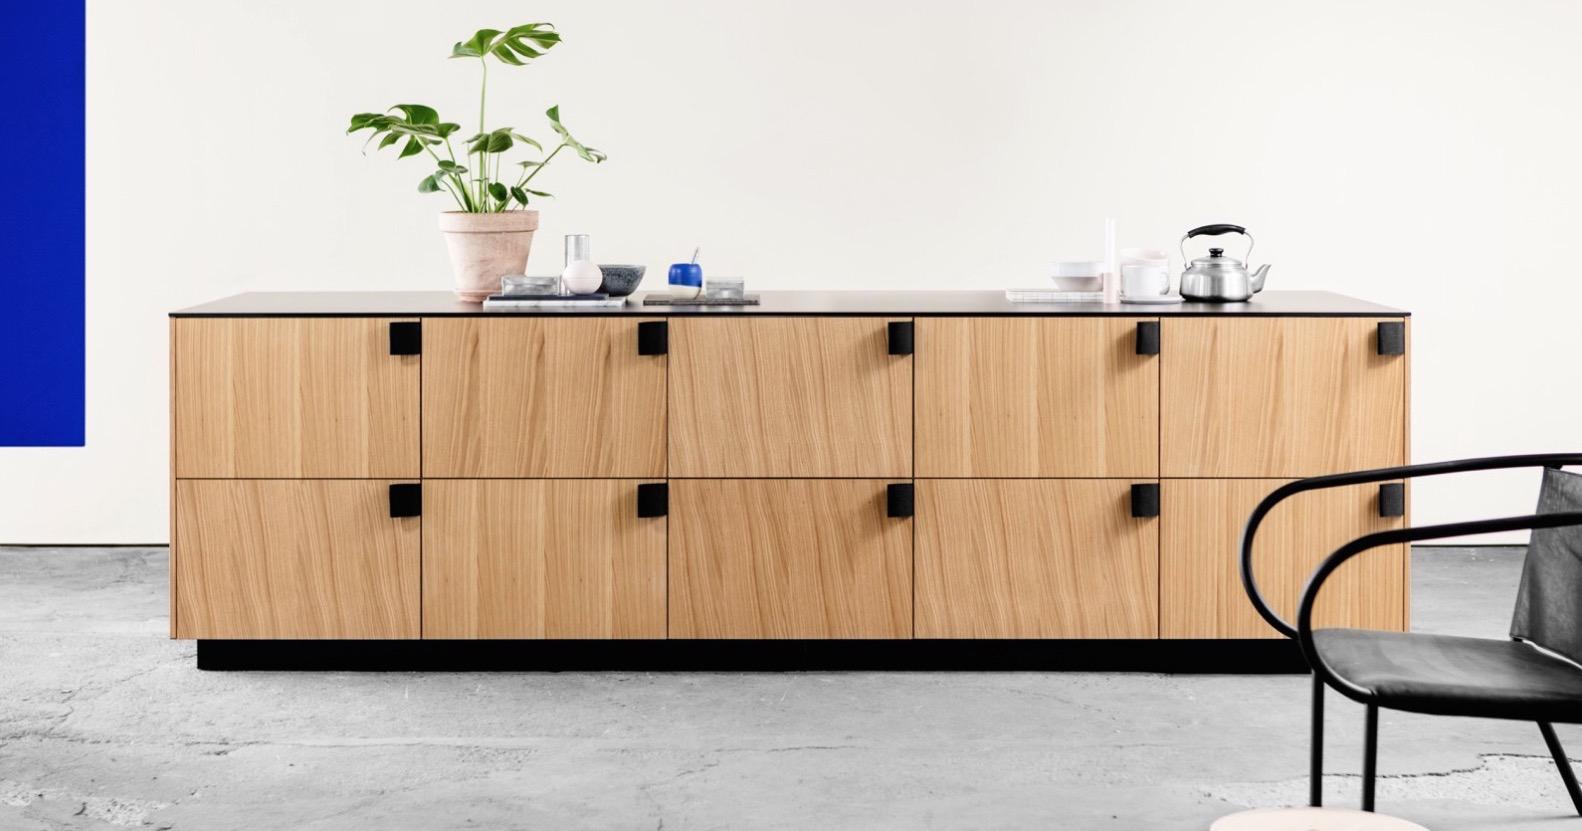 Cocinas de IKEA personalizadas – edgargonzalez.com